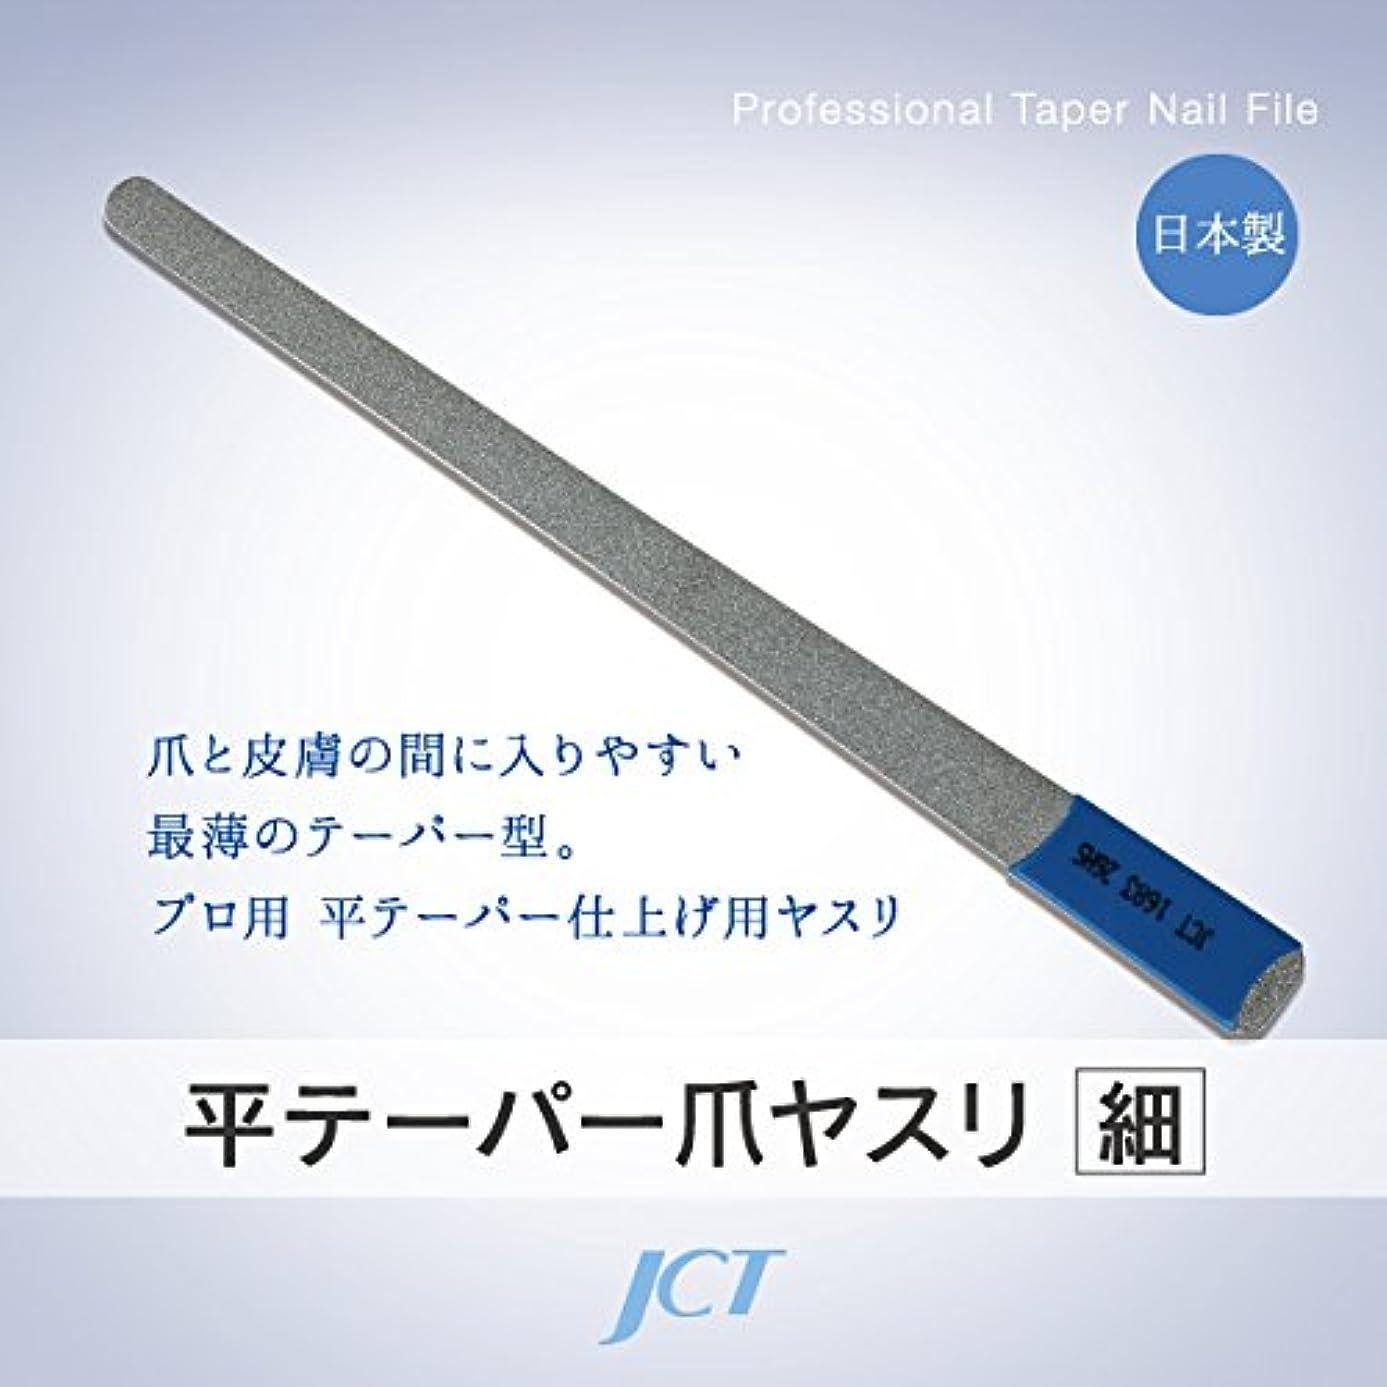 専制ぼかす印刷するJCT メディカル フットケア ネイルケア ダイヤモンド平テーパー爪ヤスリ(細) 滅菌可 日本製 1年間保証付